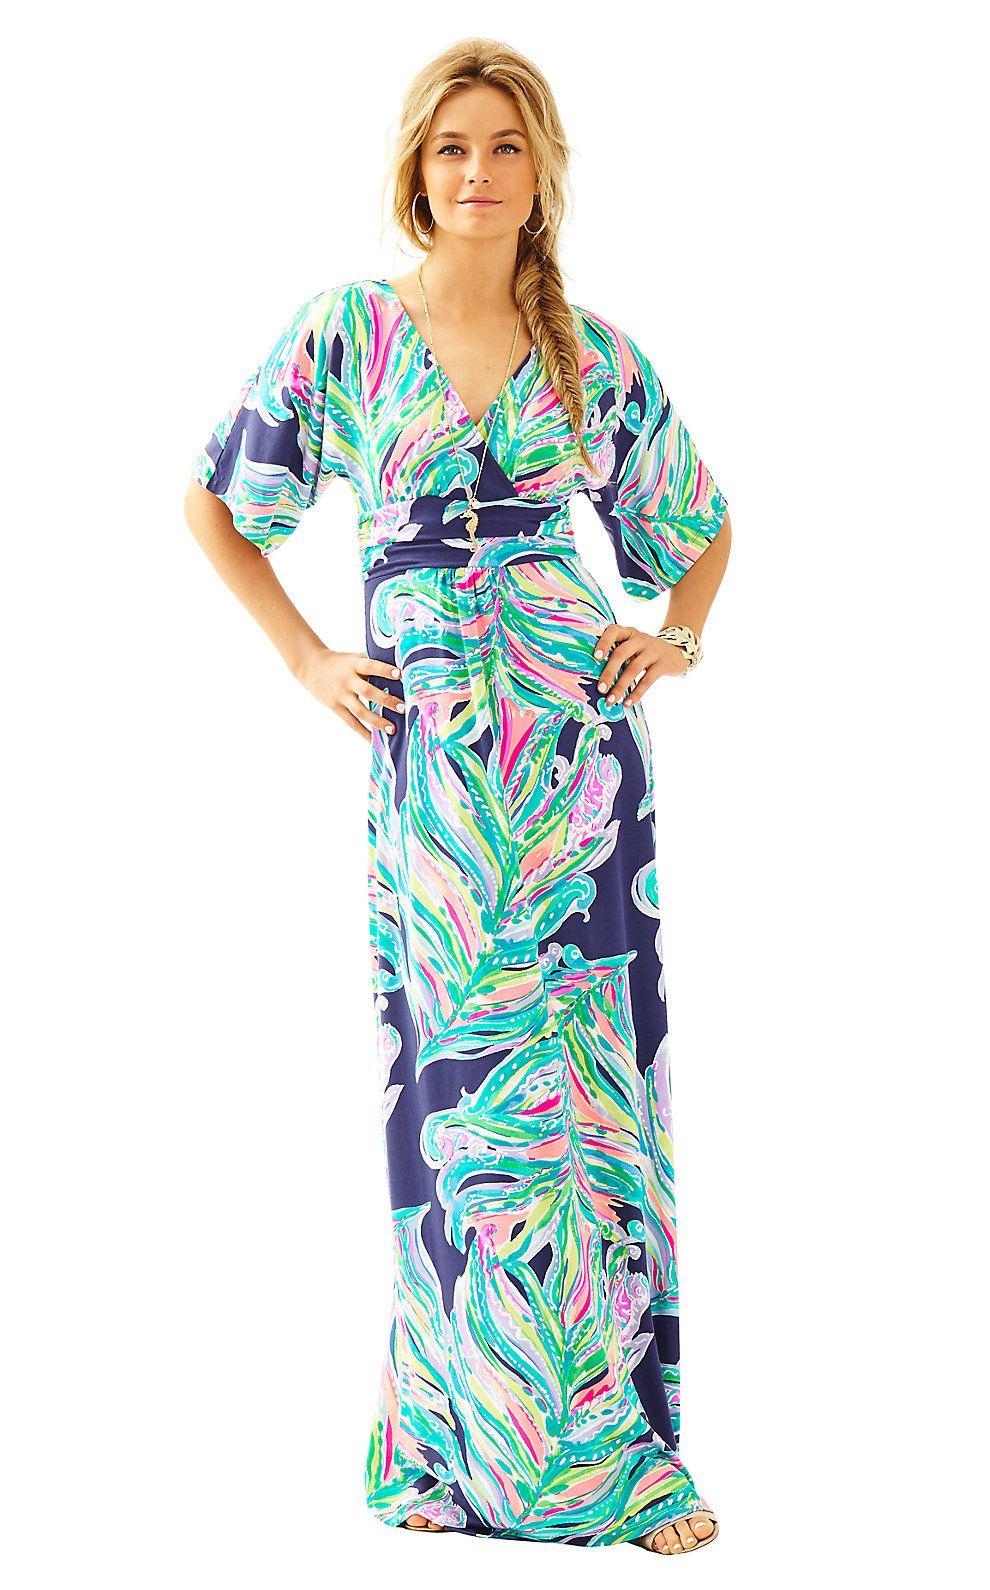 b69d51e6850 Parigi Maxi Dress | Lilly Pulitzer New Arrivals: For Women | Dresses ...